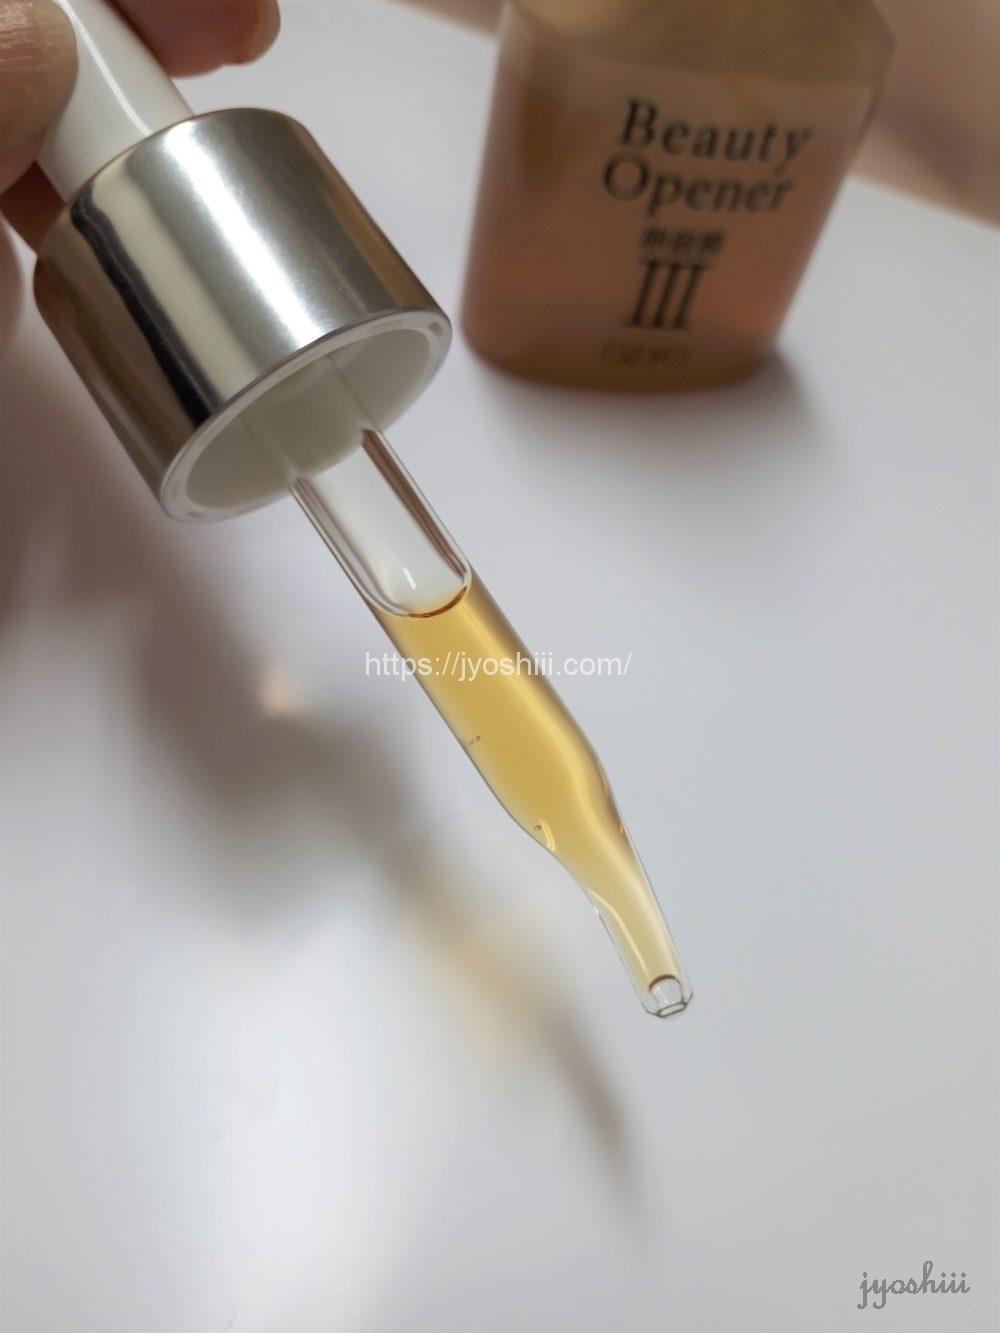 卵殻膜エキス美容液ビューティーオープナートライアルセットのビューティーオープナーの色